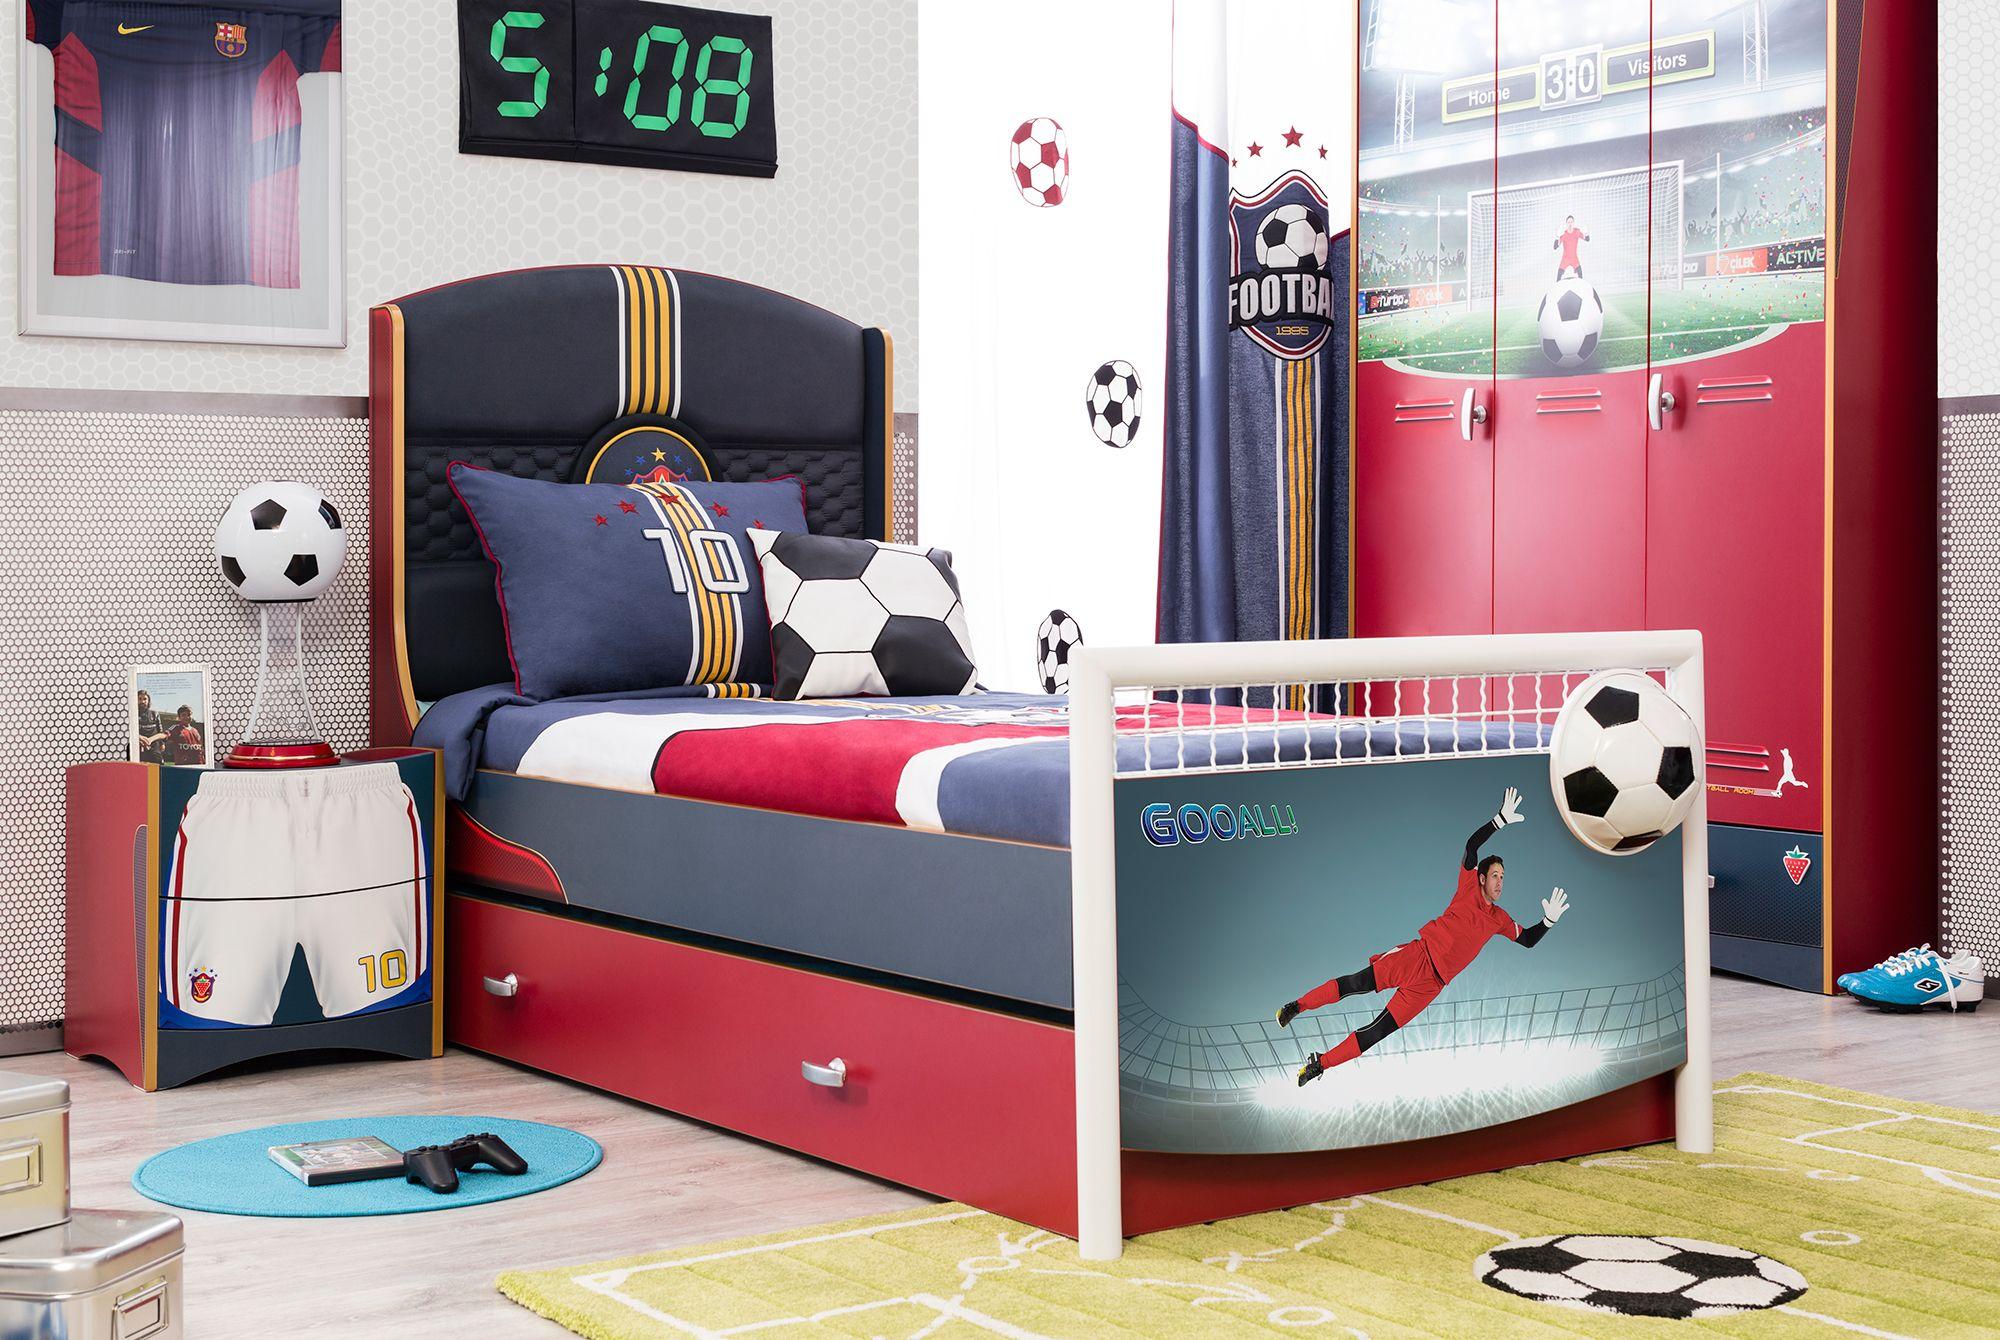 Детская кровать Cilek Football FT1301 (With images